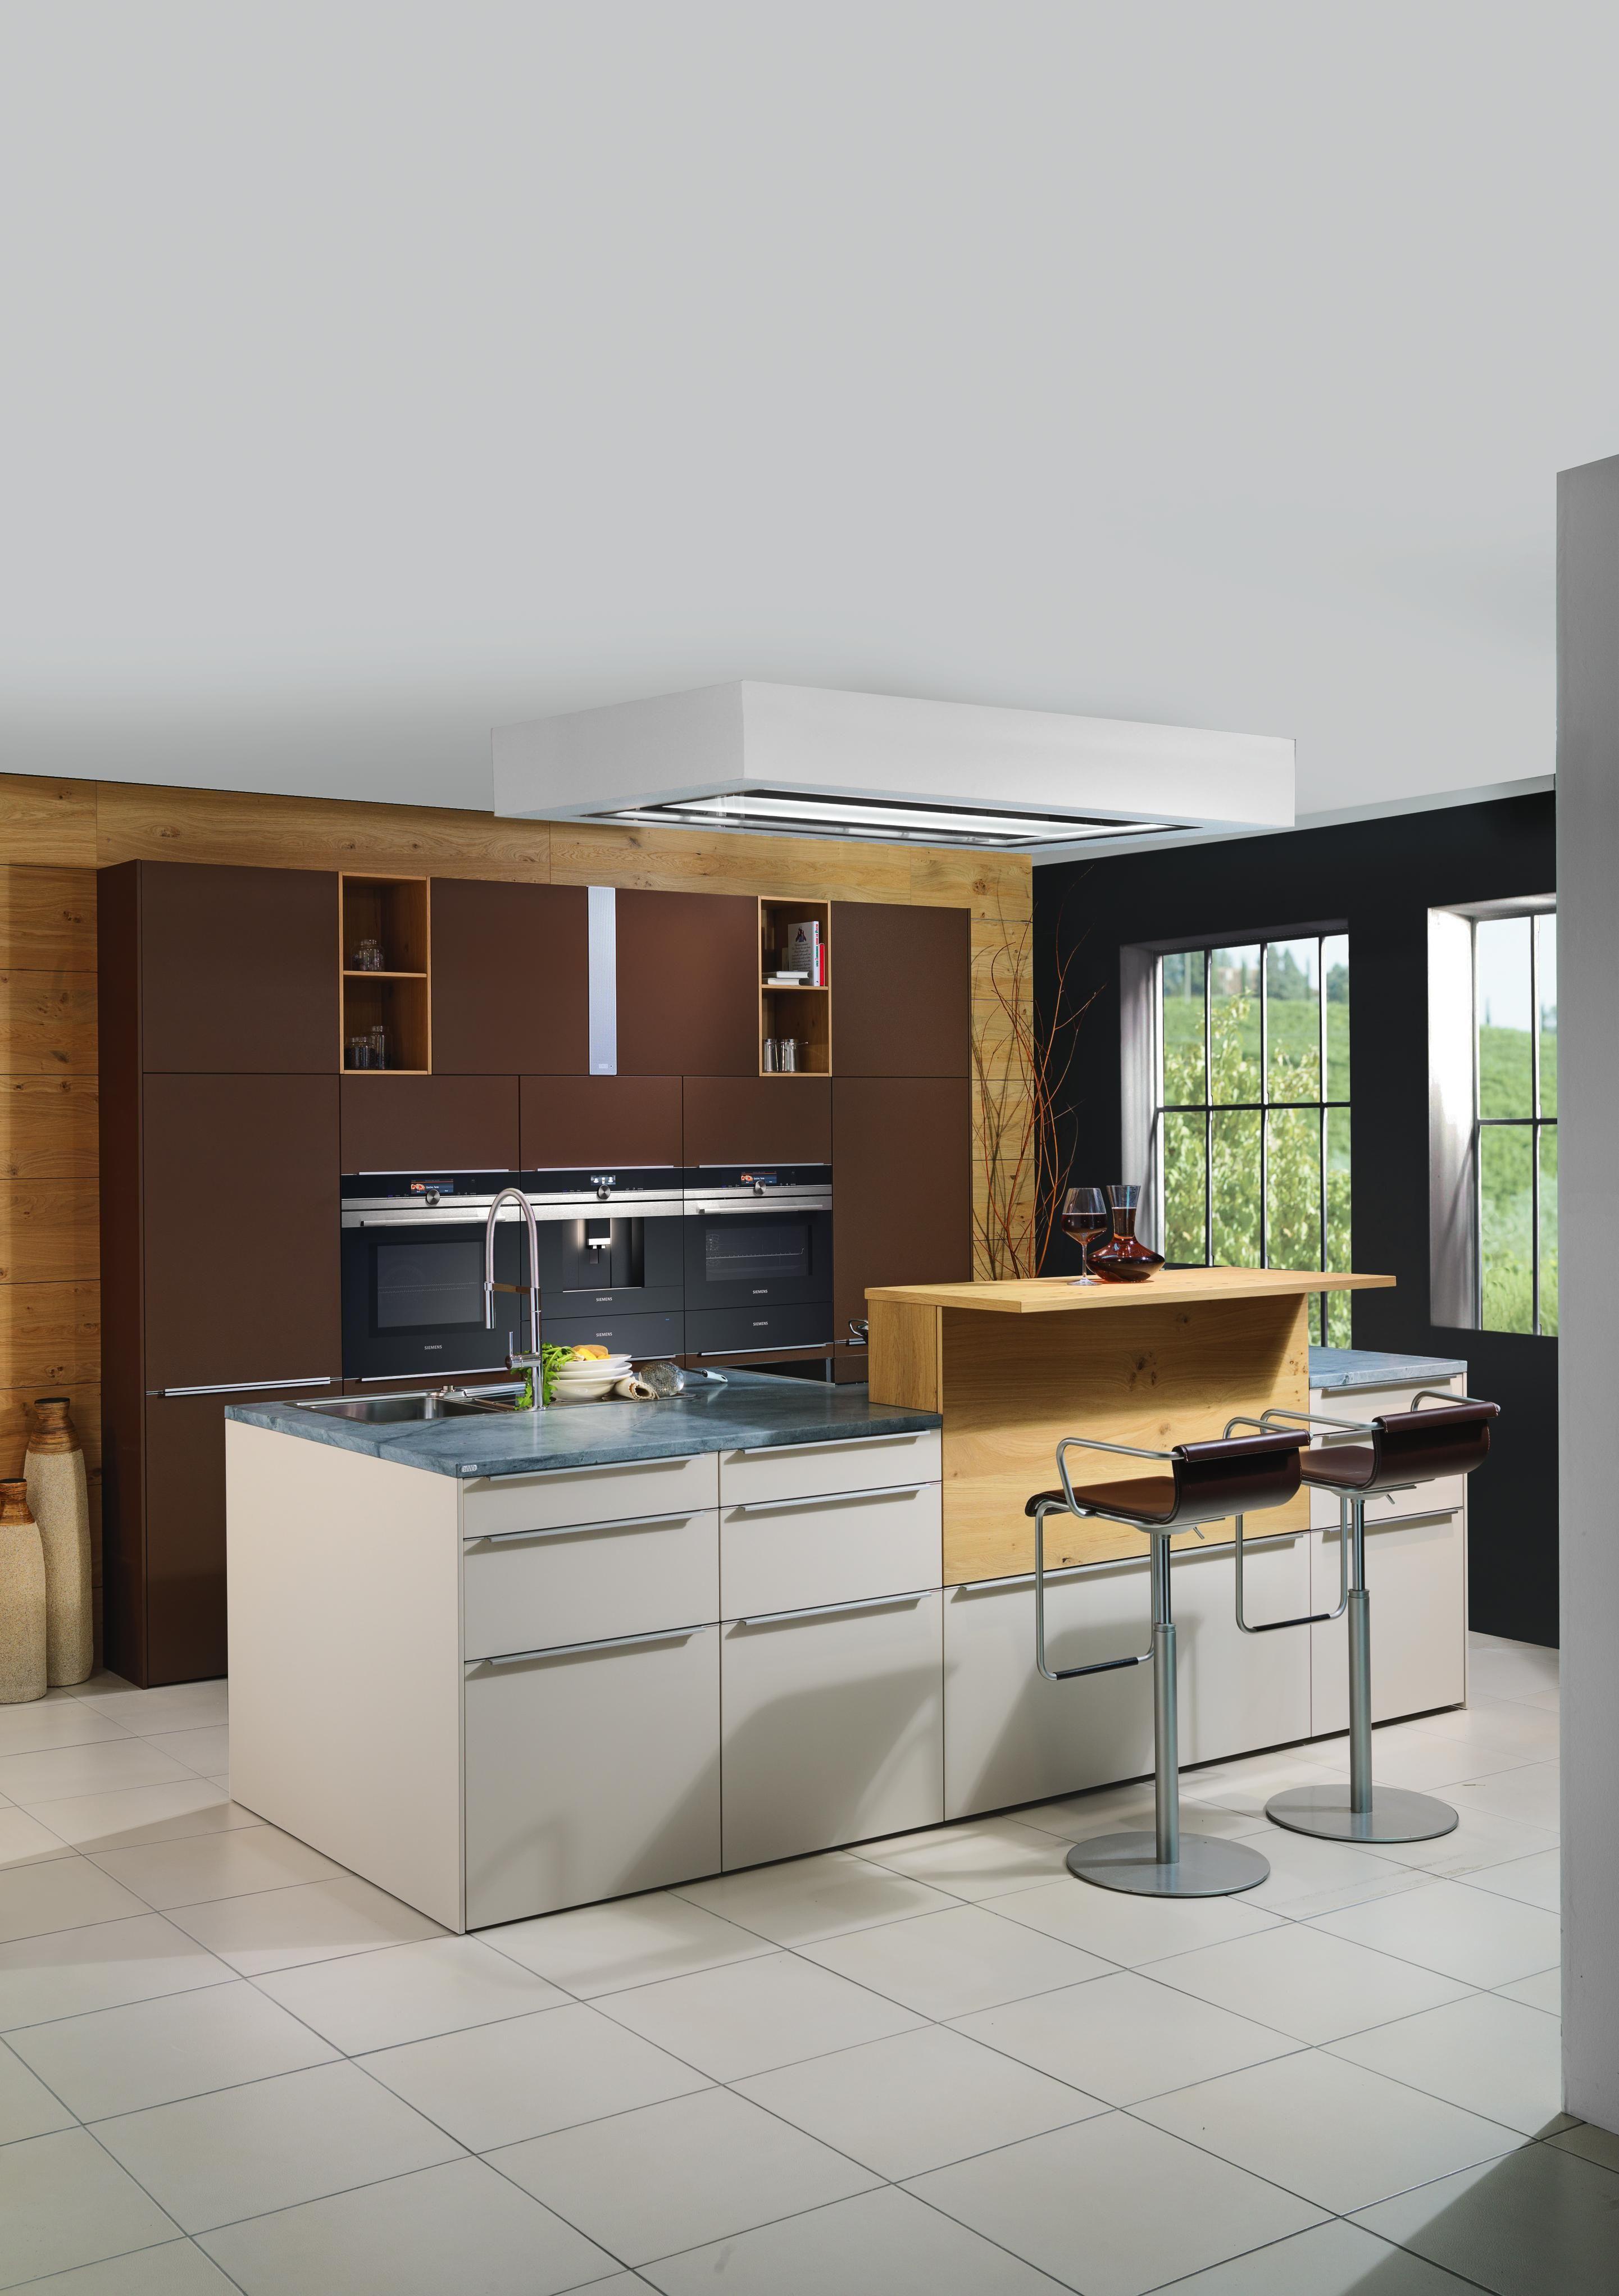 Hochwertige Einbauküche von EWE funktional & stilvoll